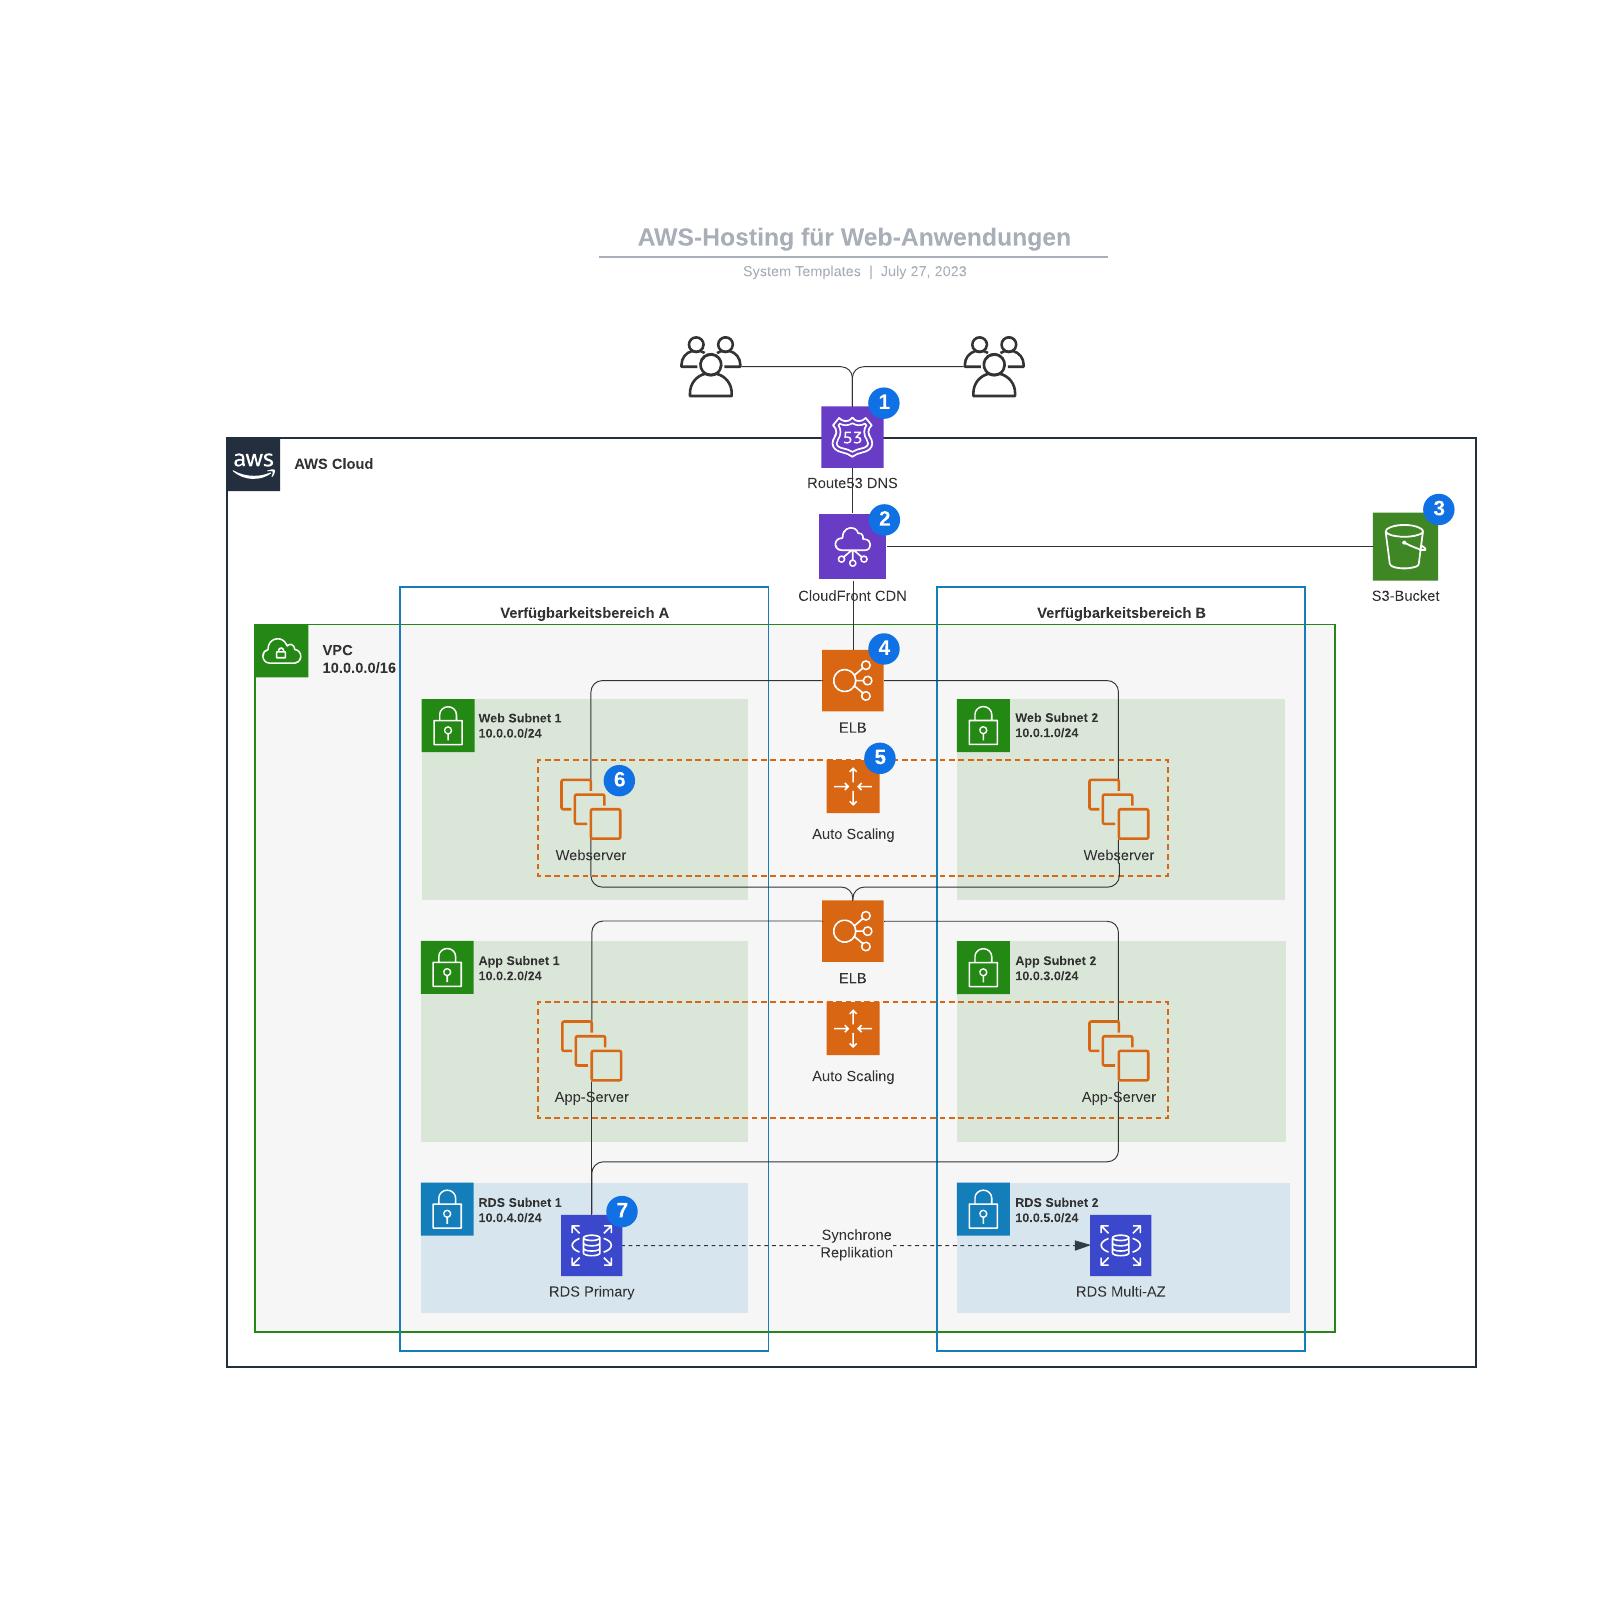 AWS-Hosting für Web-Anwendungen - Vorlage